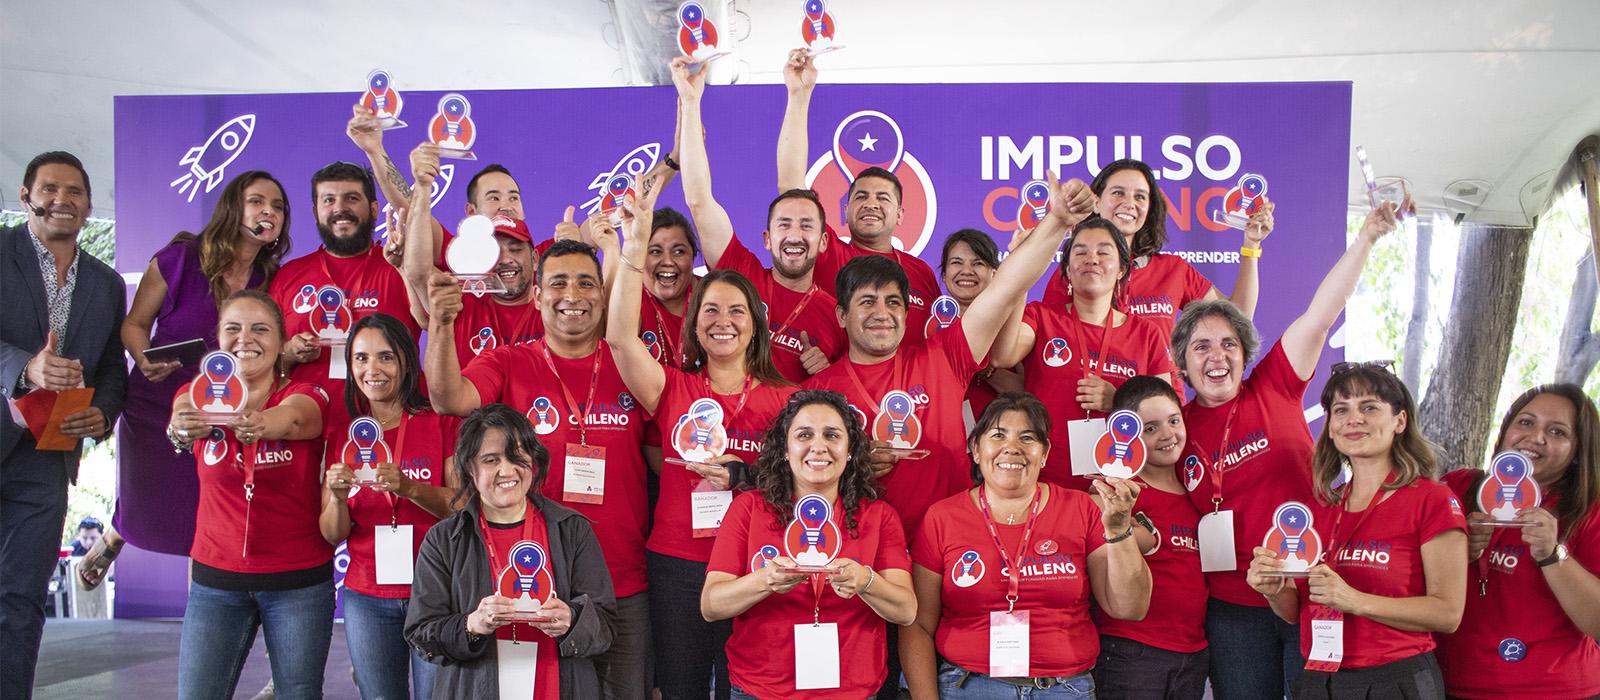 Emprendedores de Panguipulli obtuvieron el segundo lugar en el concurso Impulso Chileno